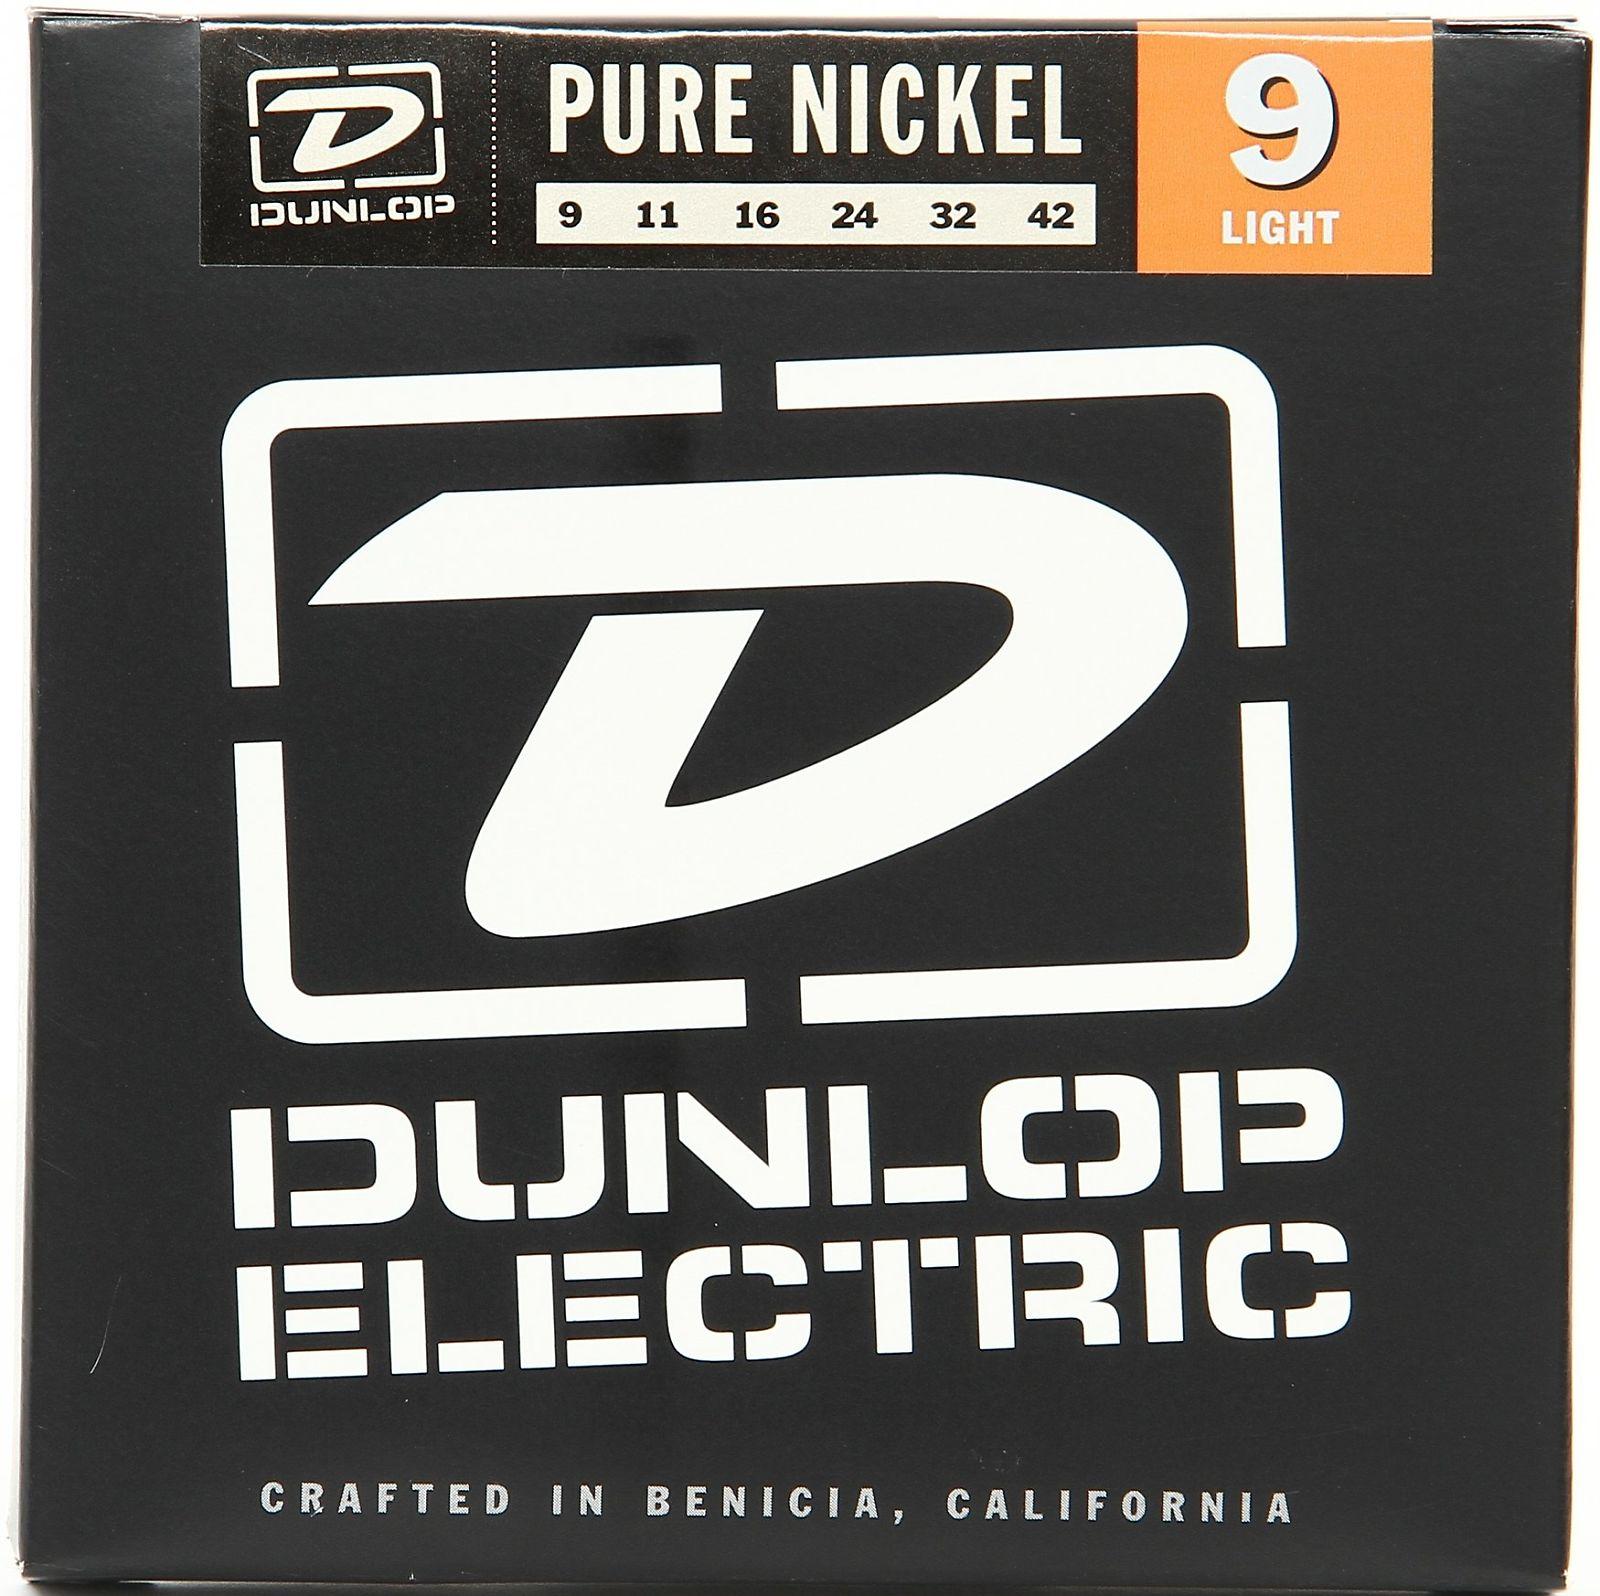 9-42 Dunlop DEN0942 Light Electric Guitar Strings